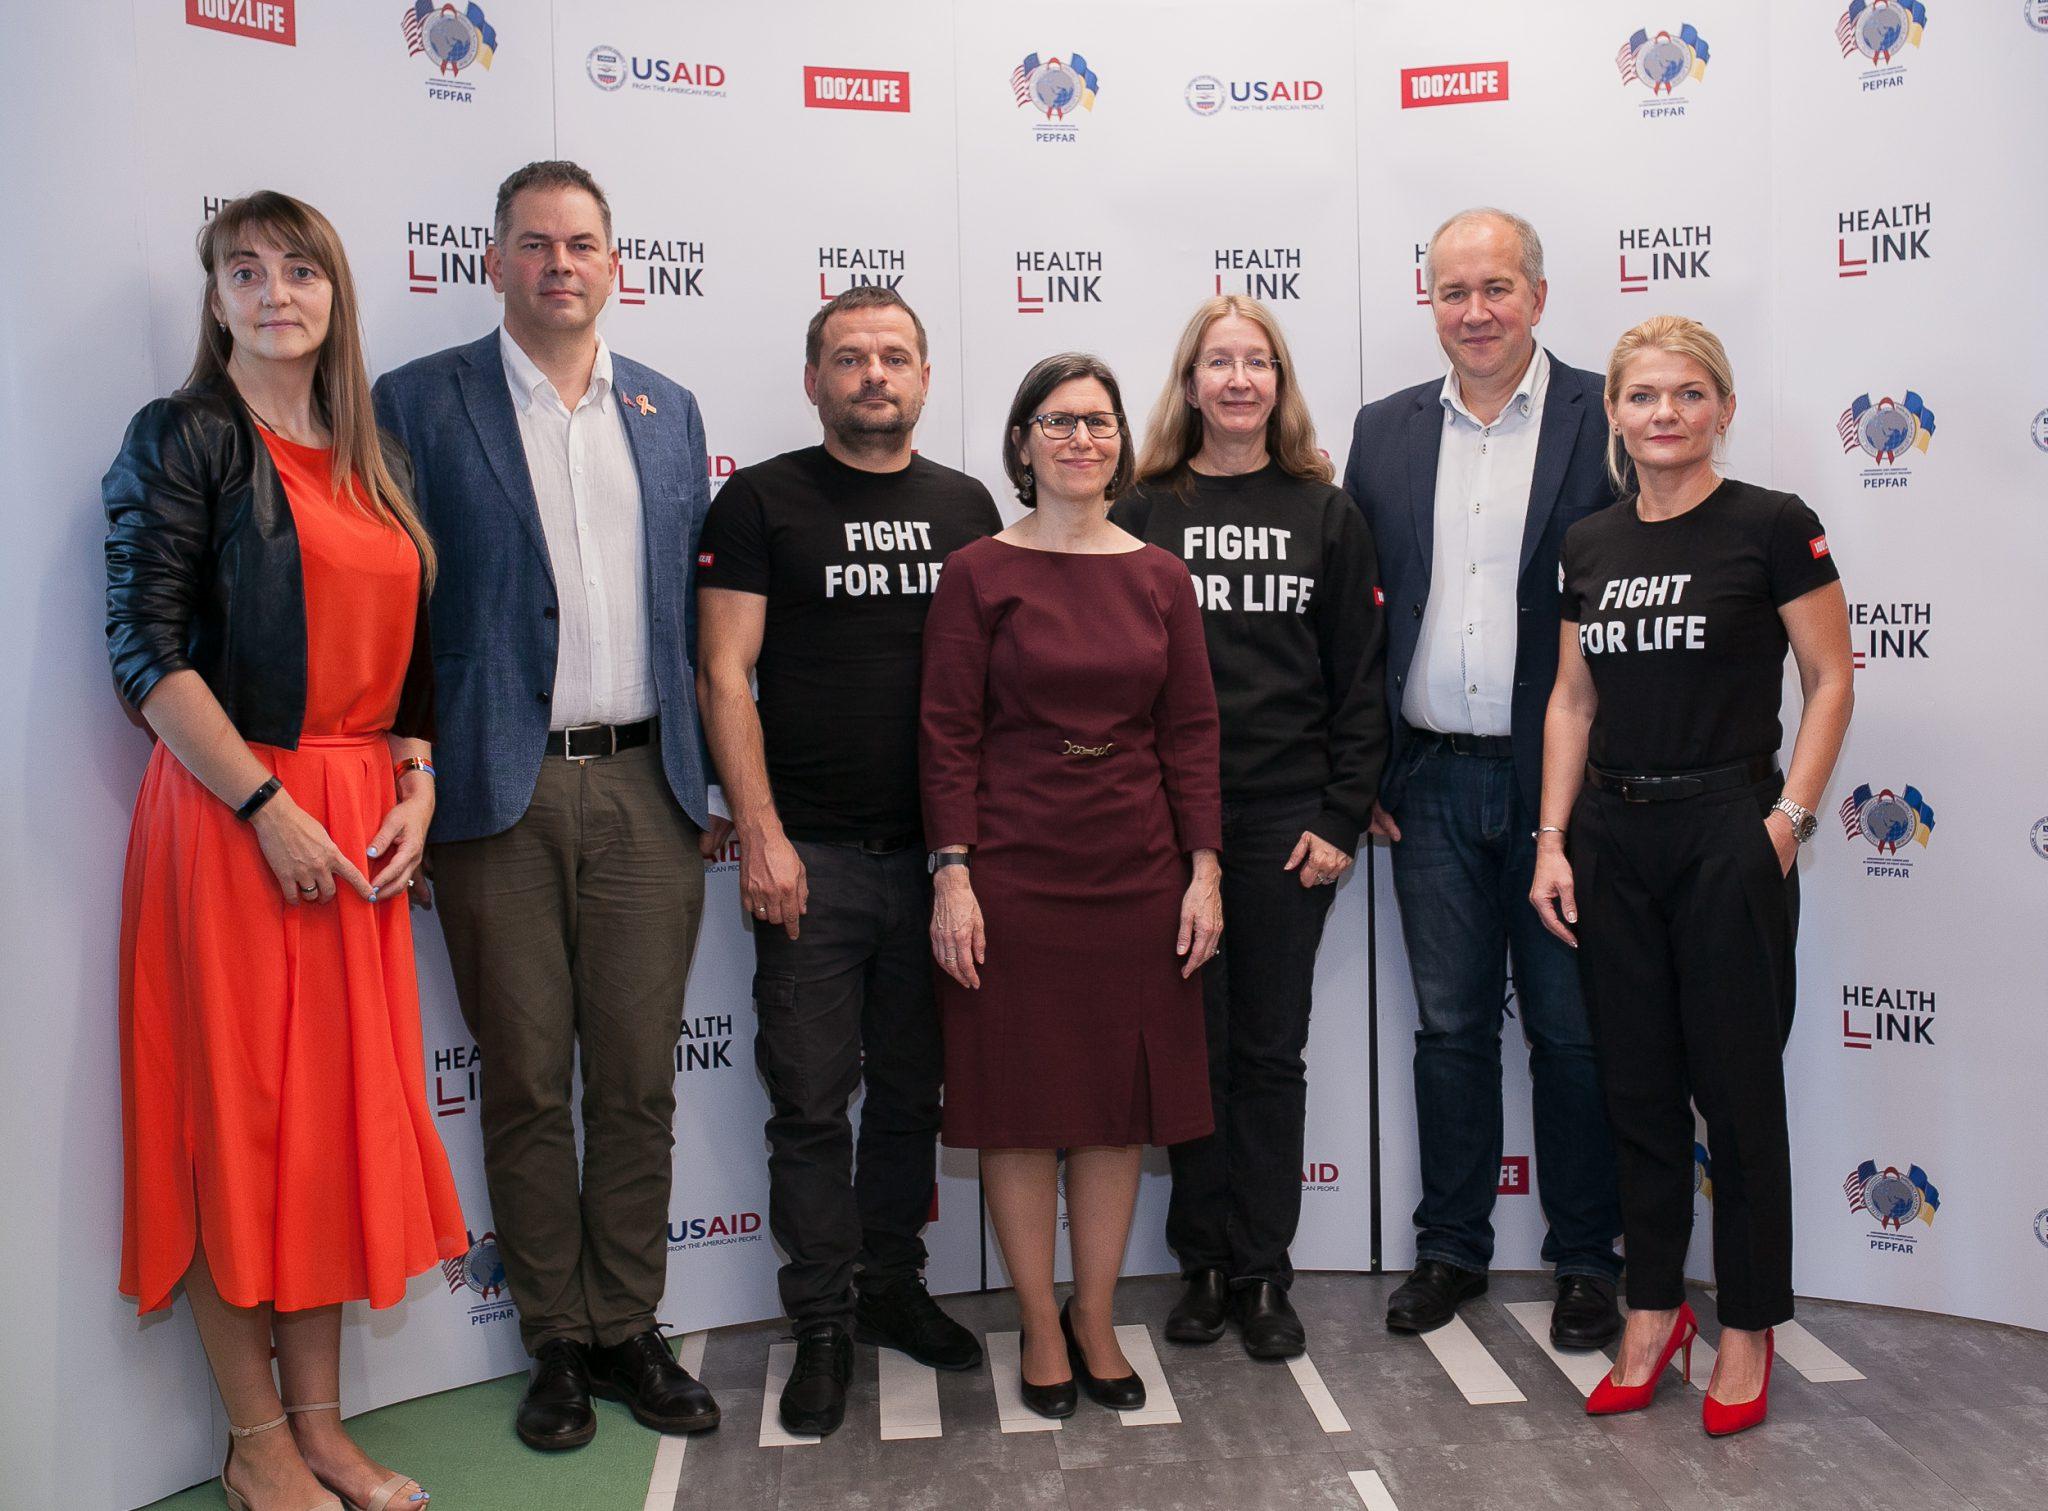 У 2019 році чверть мільйона українців пройдуть тест на ВІЛ